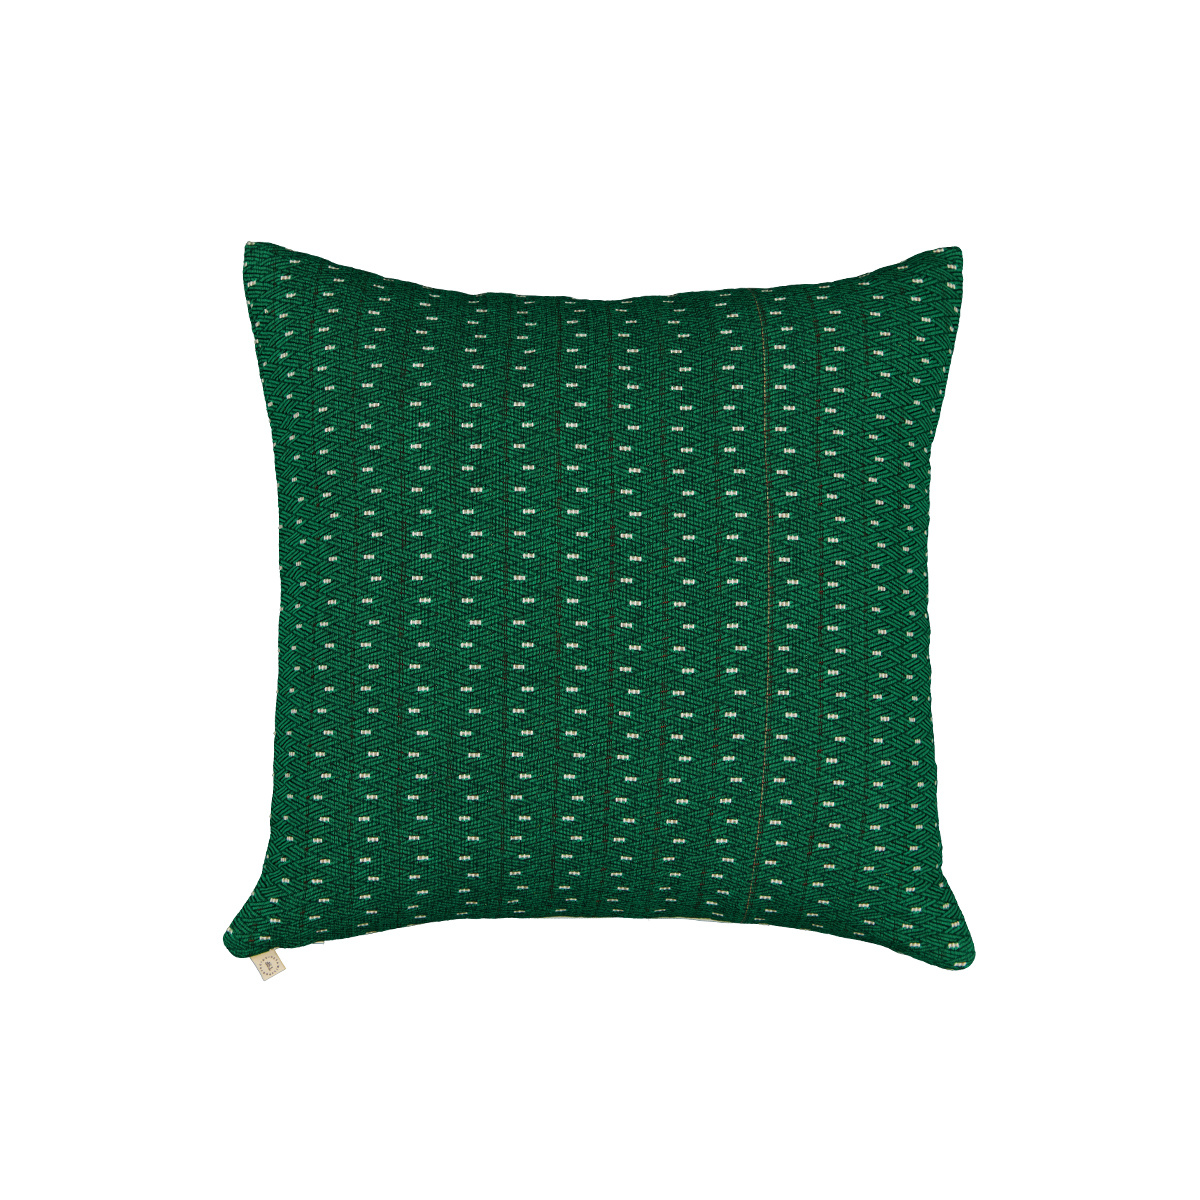 Viaggio Cushion Green print